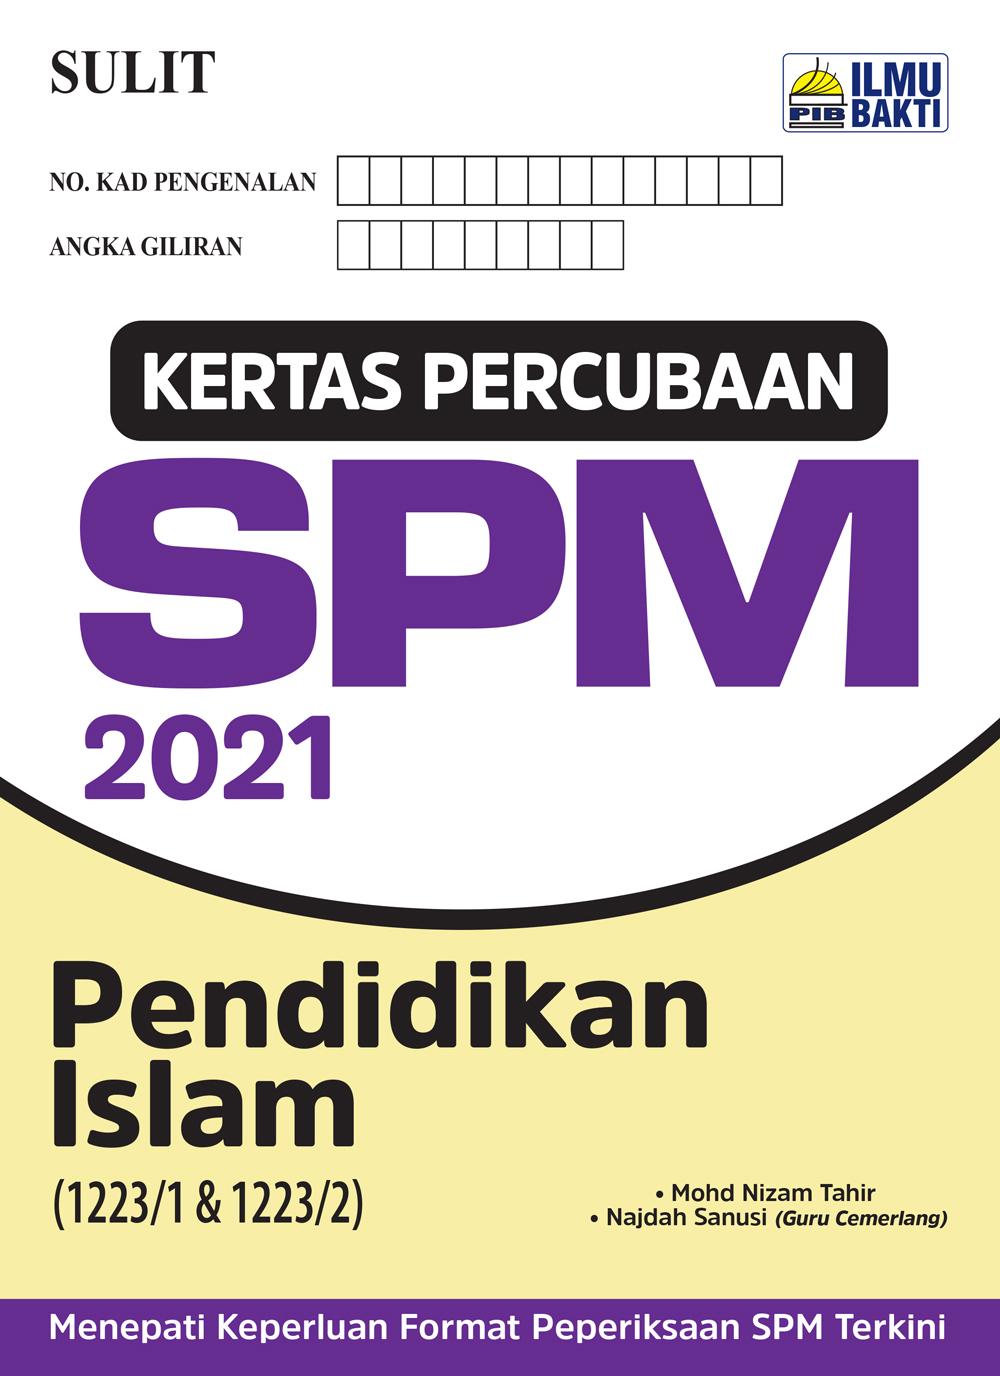 Kertas Percubaan SPM 2021 – Pendidikan Islam